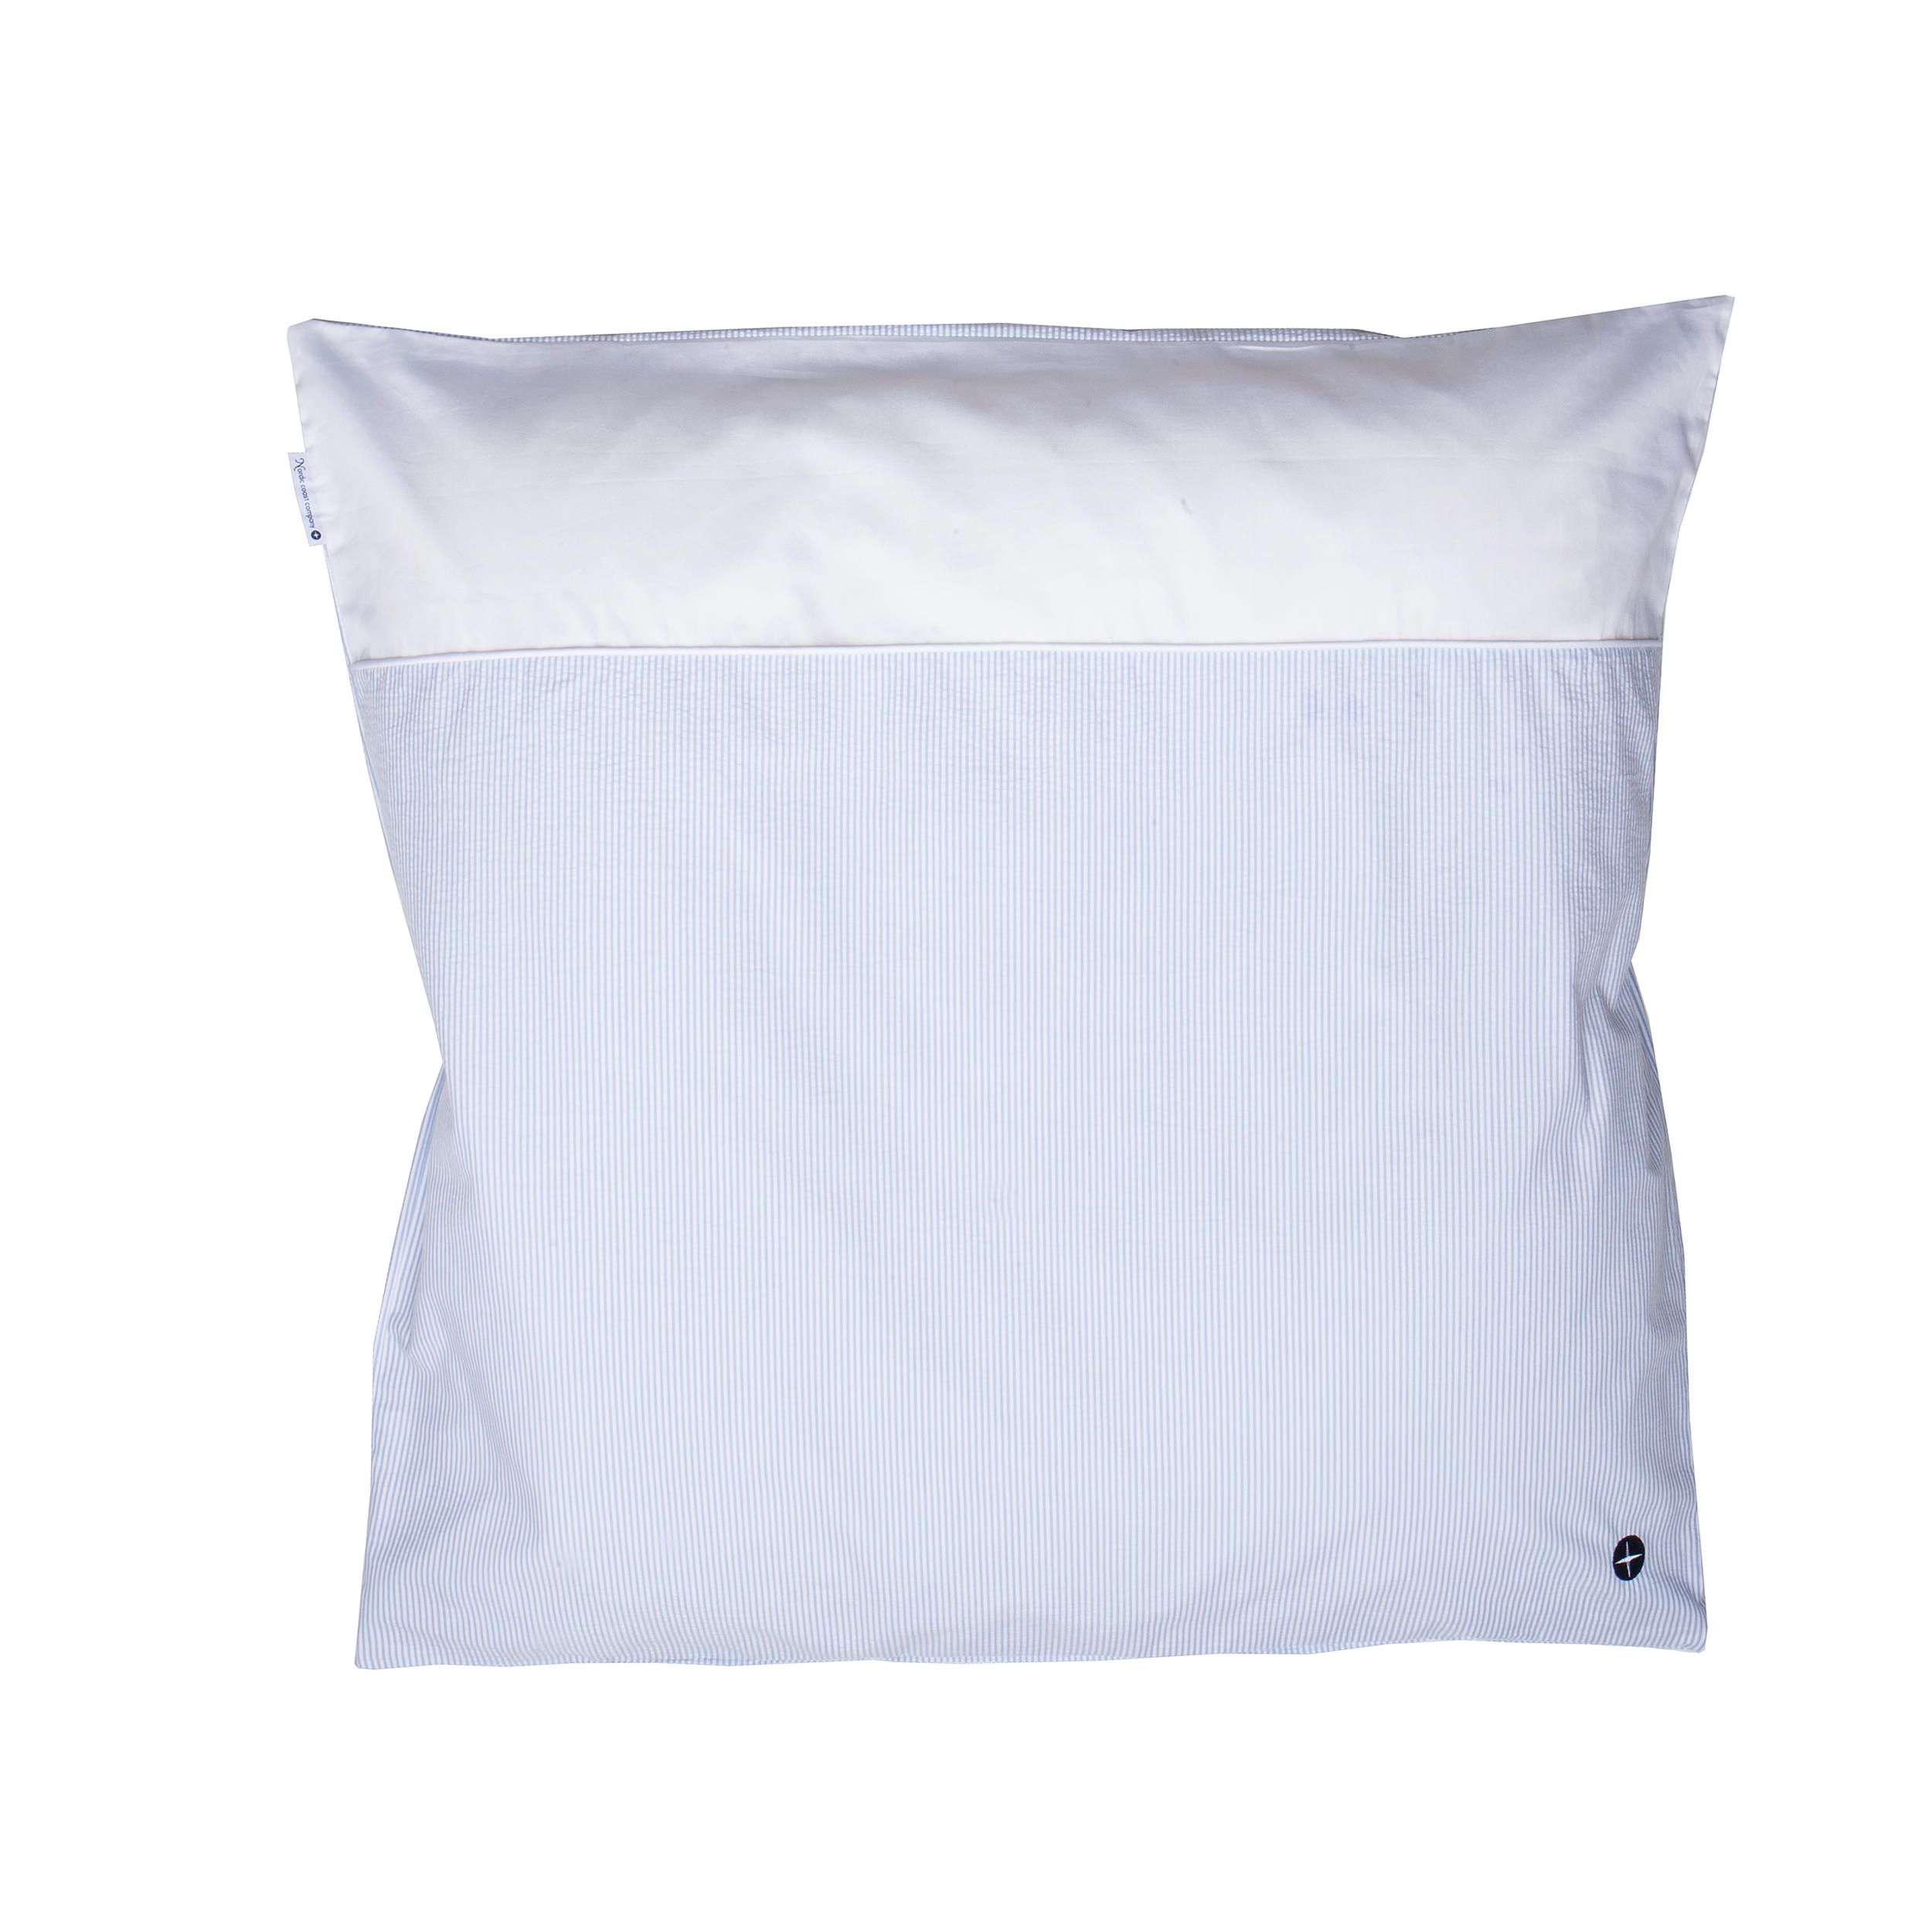 Bettwäsche 80x80 Baby Geburt Weiß Mit Baumwollspitze Baumwolle